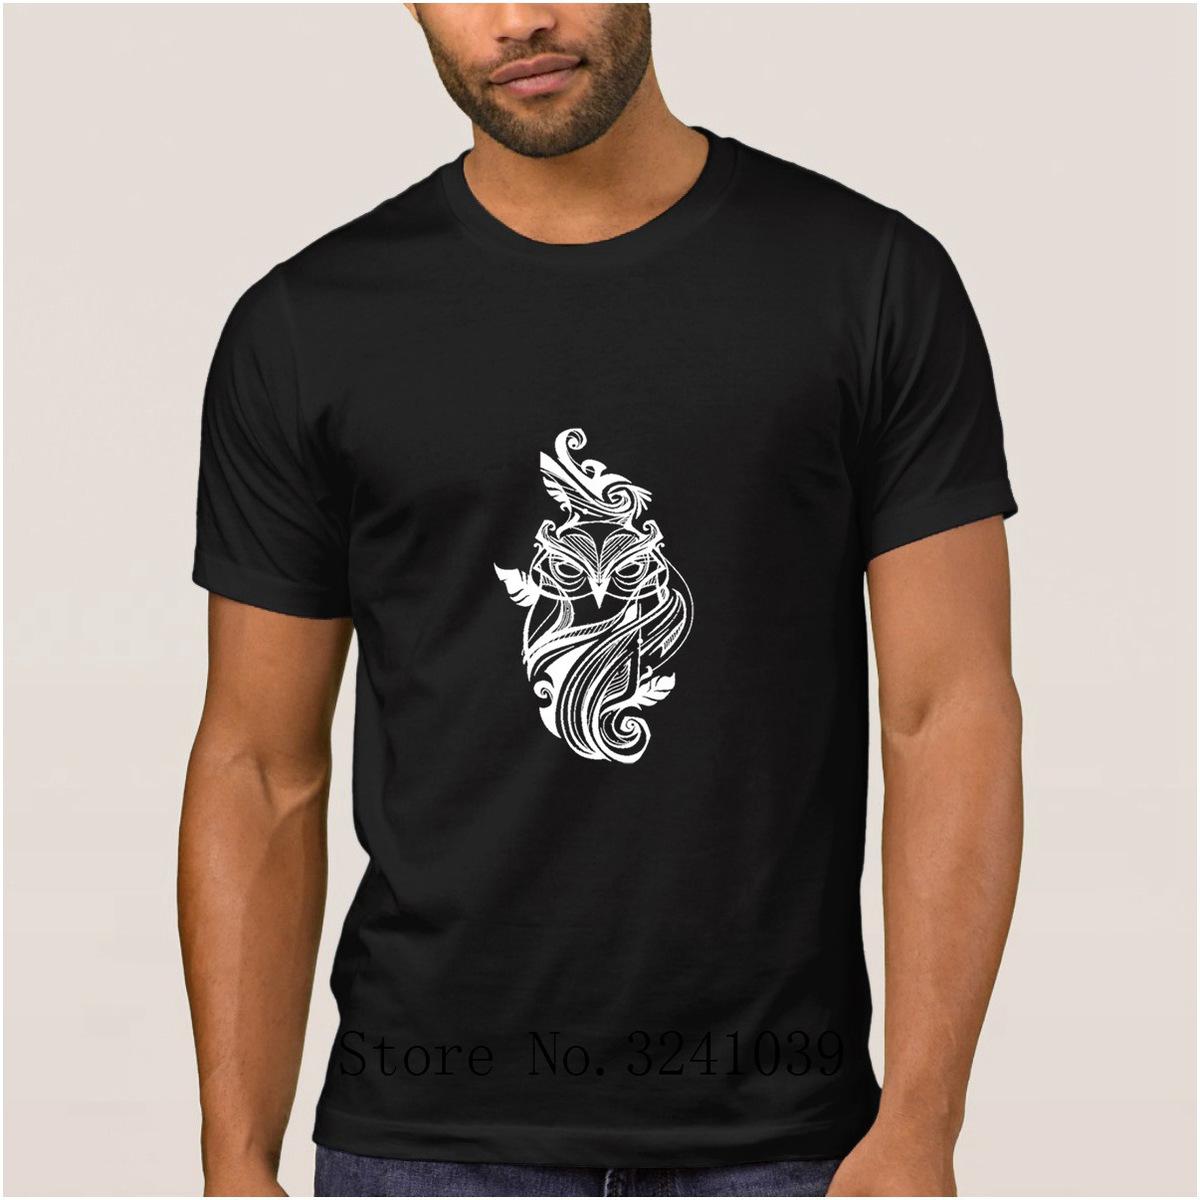 La Maxpa Personalidade Super coruja homens camiseta verão Gráfico Incrível Coruja Senhora regular t-shirt de Lazer camiseta regular para homens O Pescoço